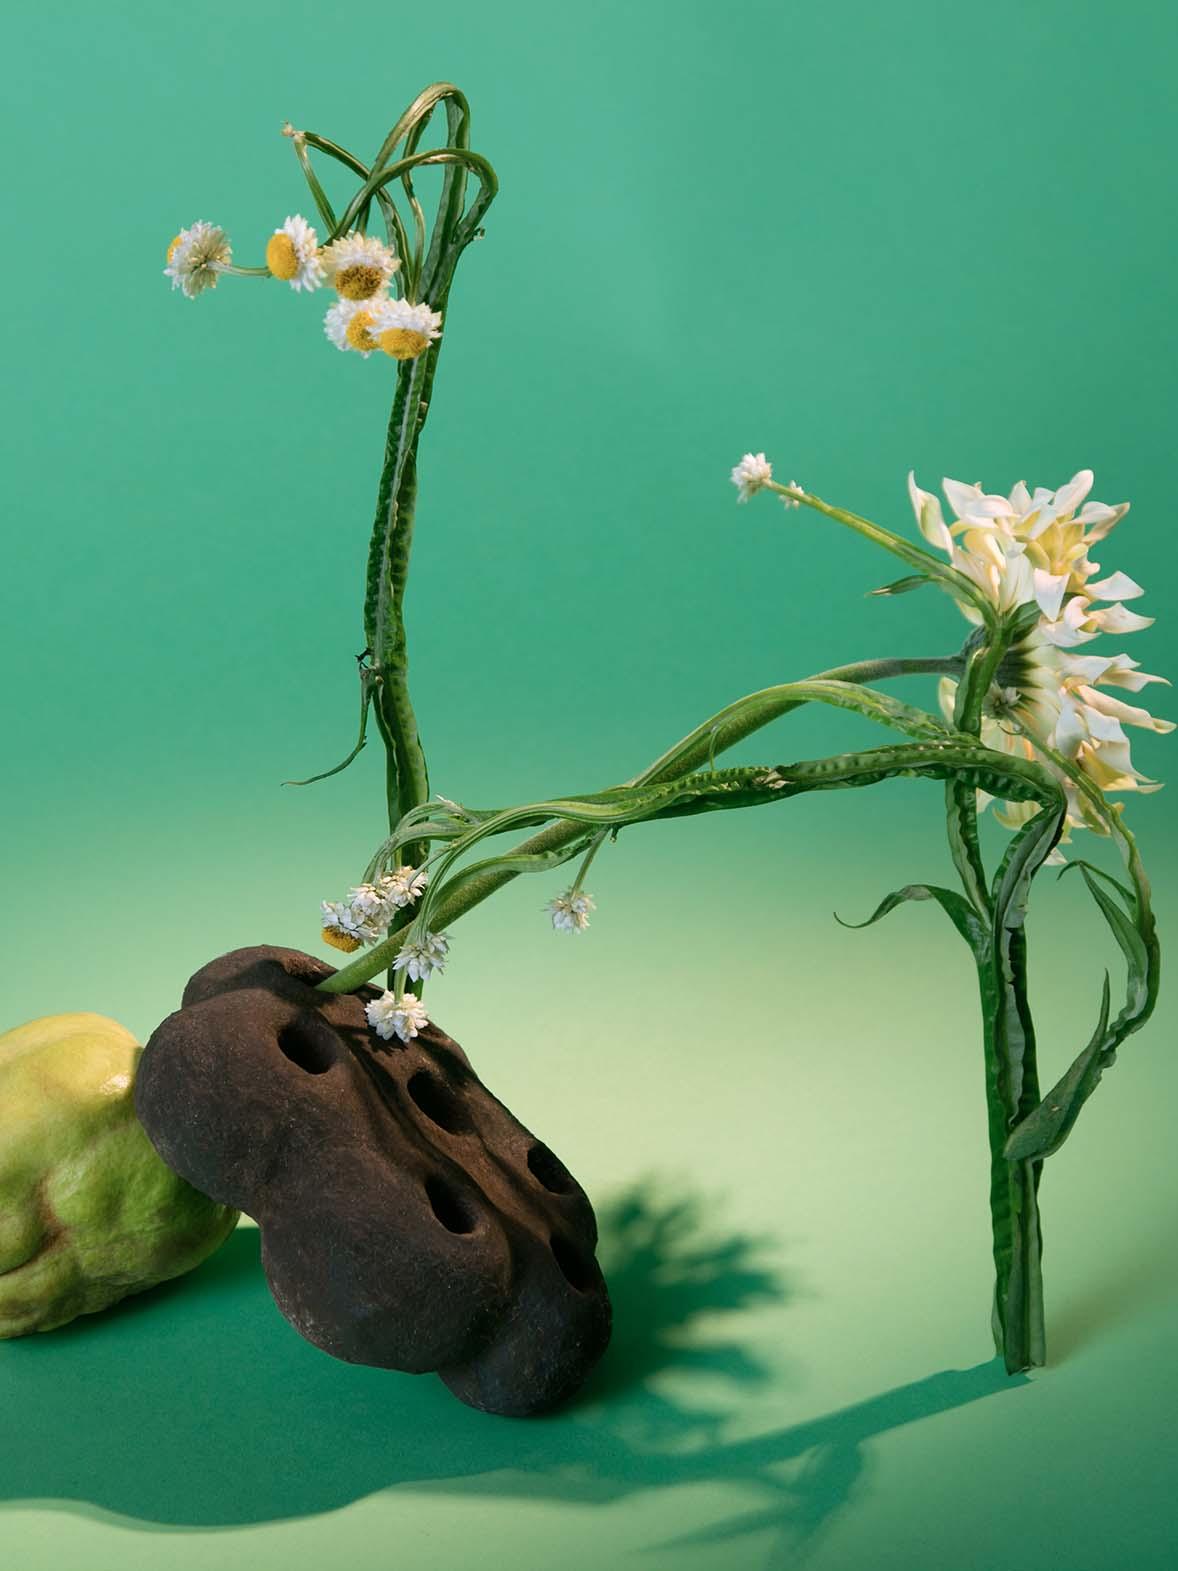 muhabara ikebana vase